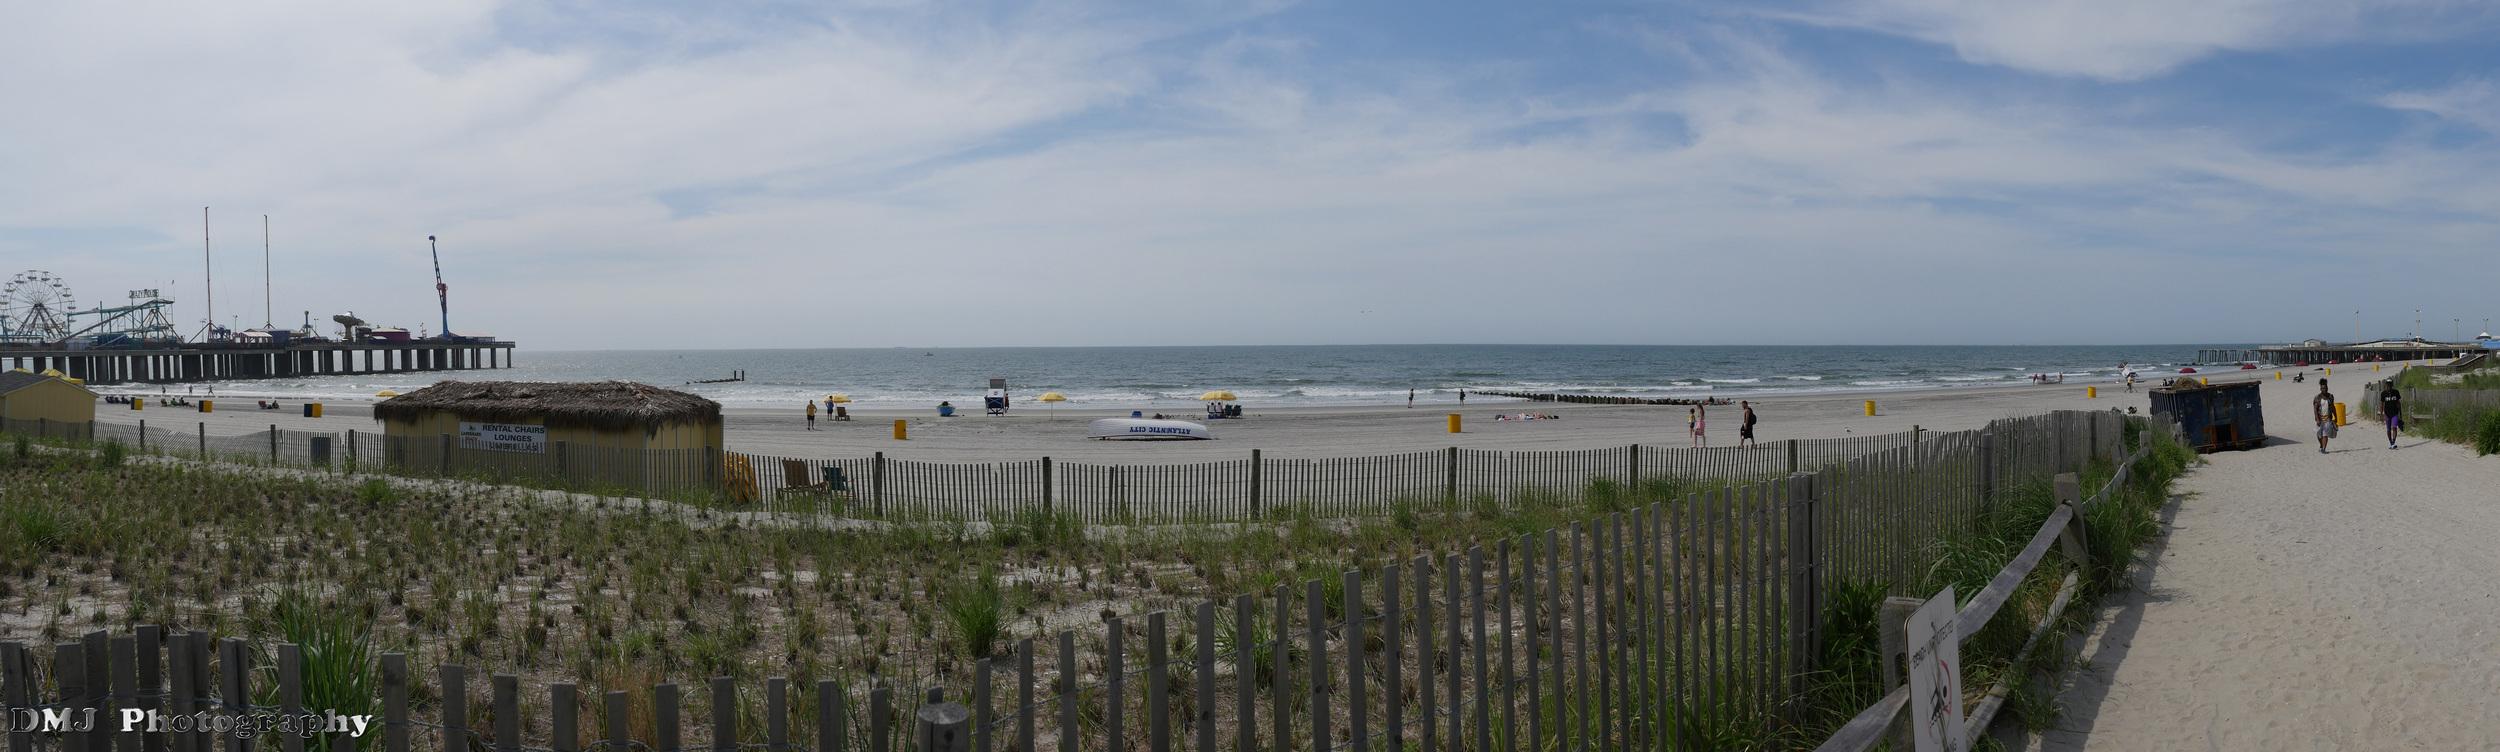 Beach Panoramic